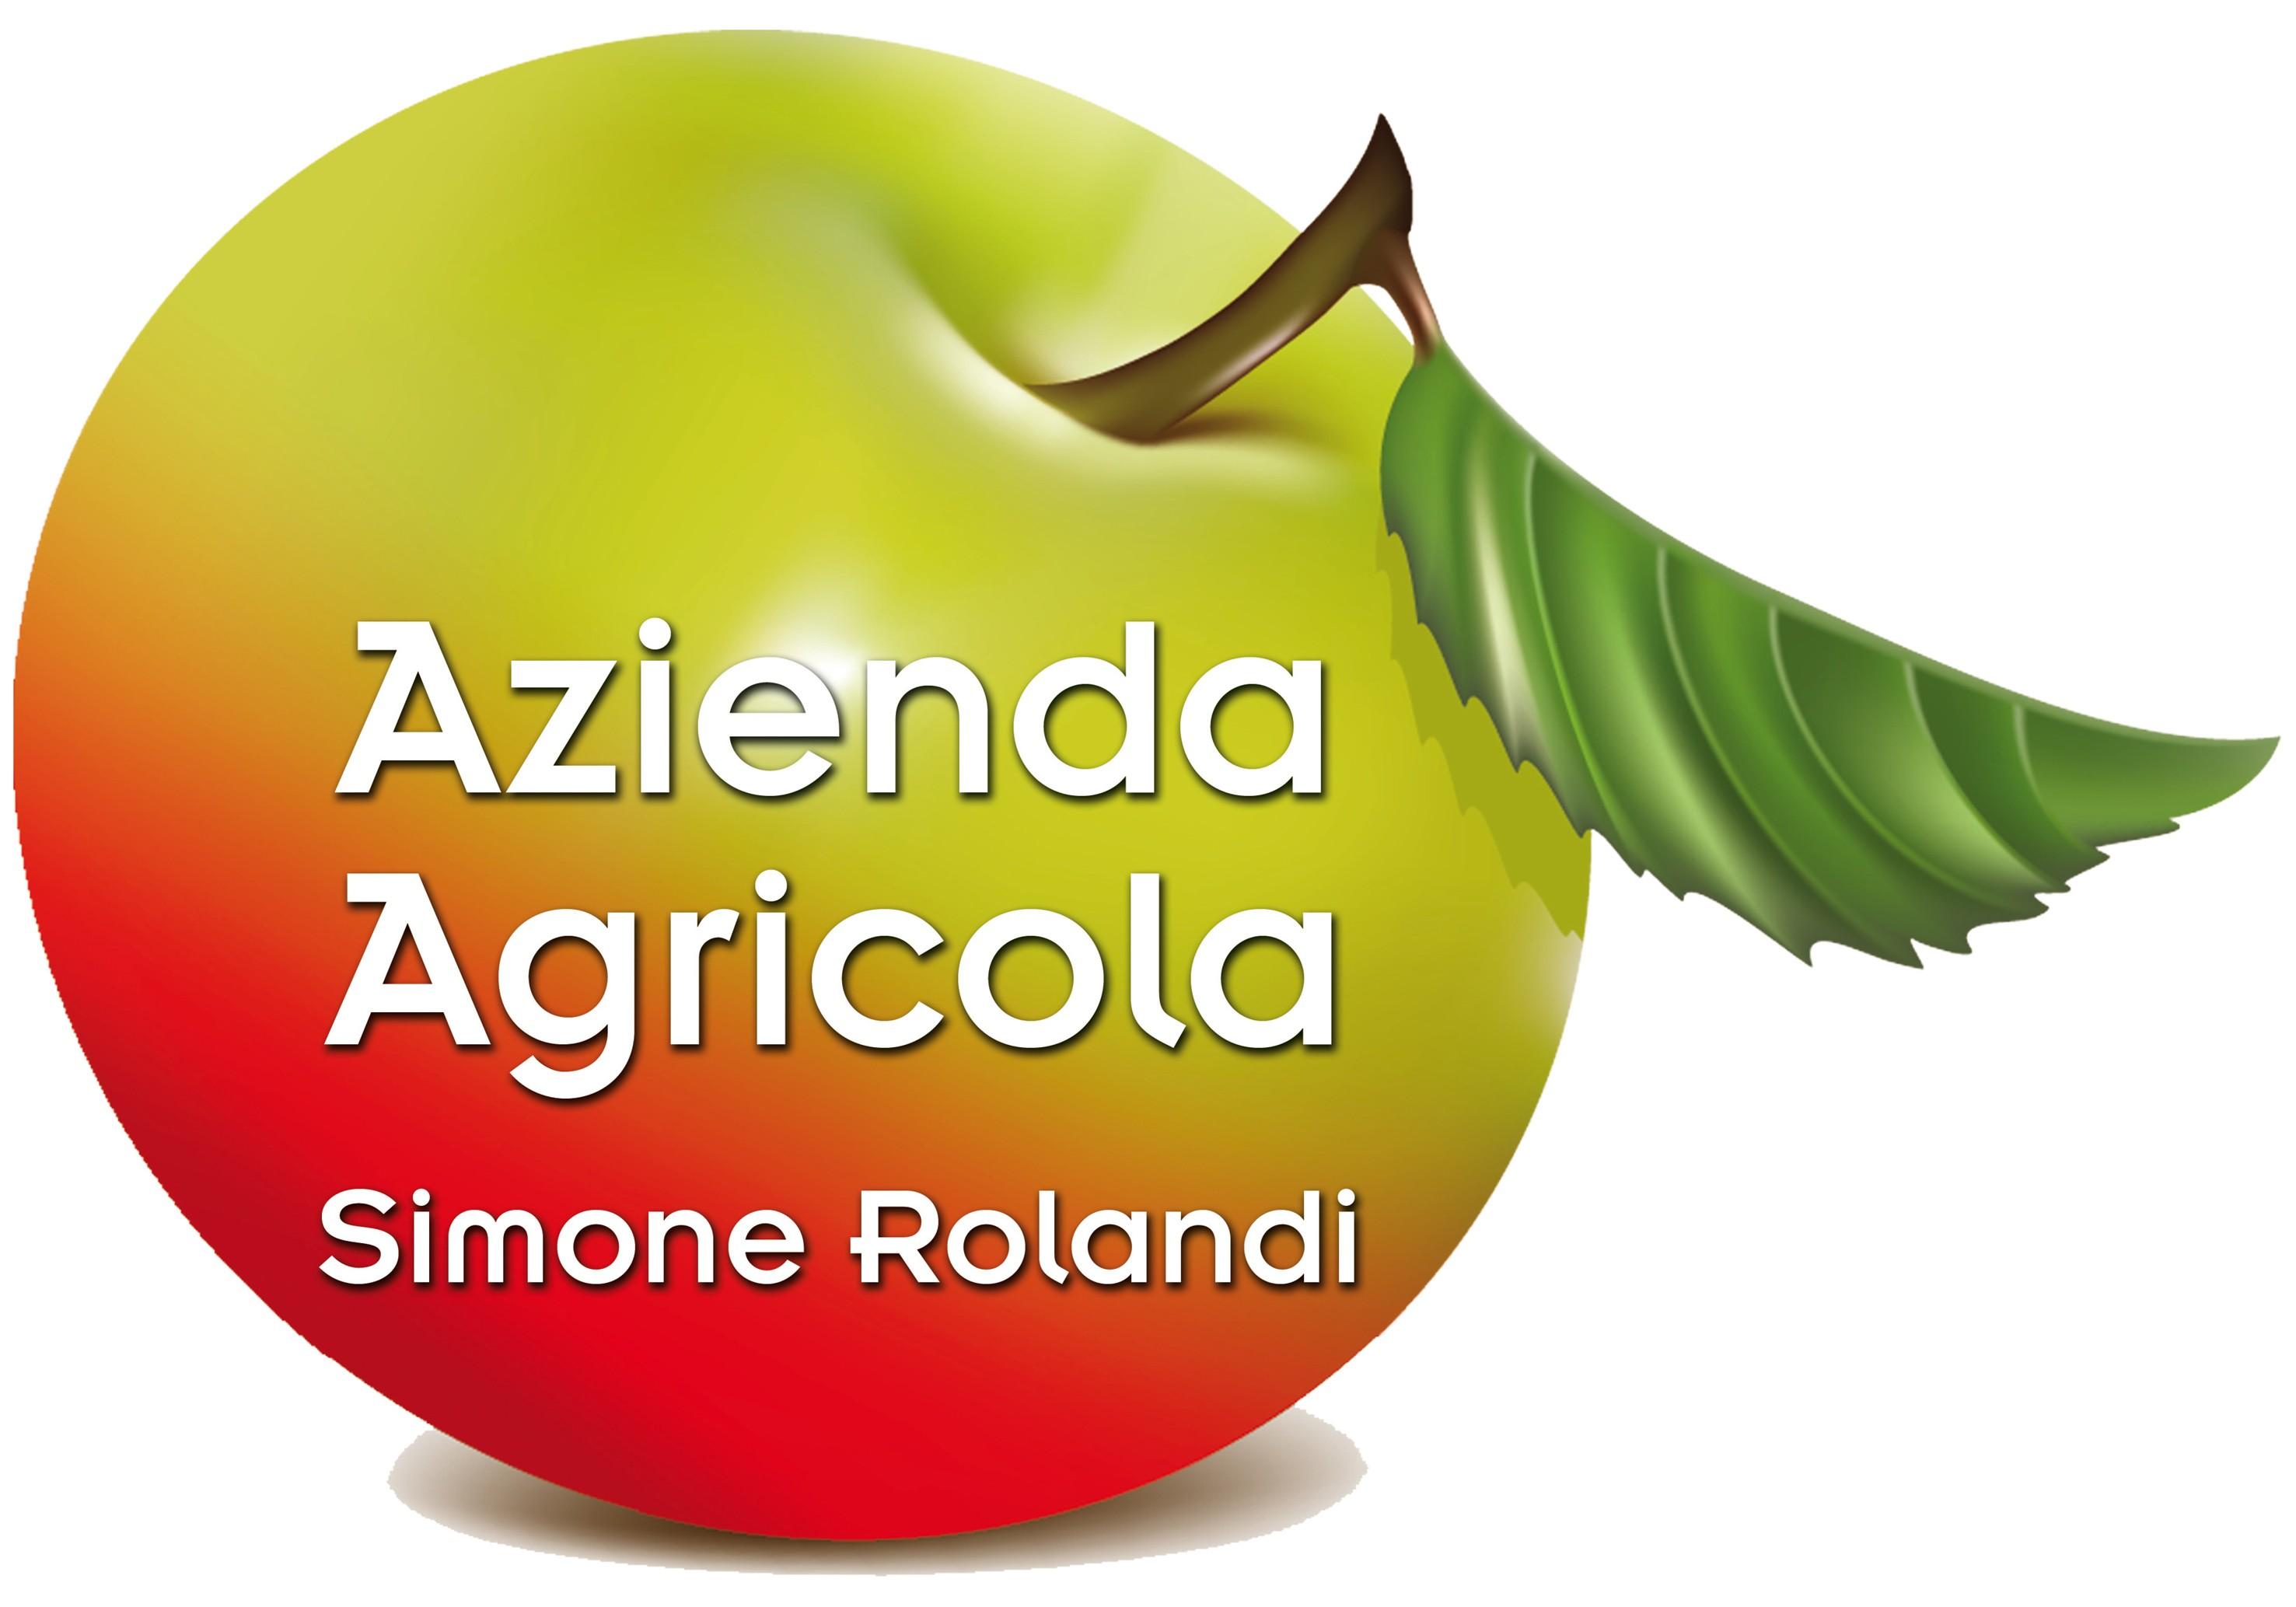 Azienda Agricola Simone Rolandi